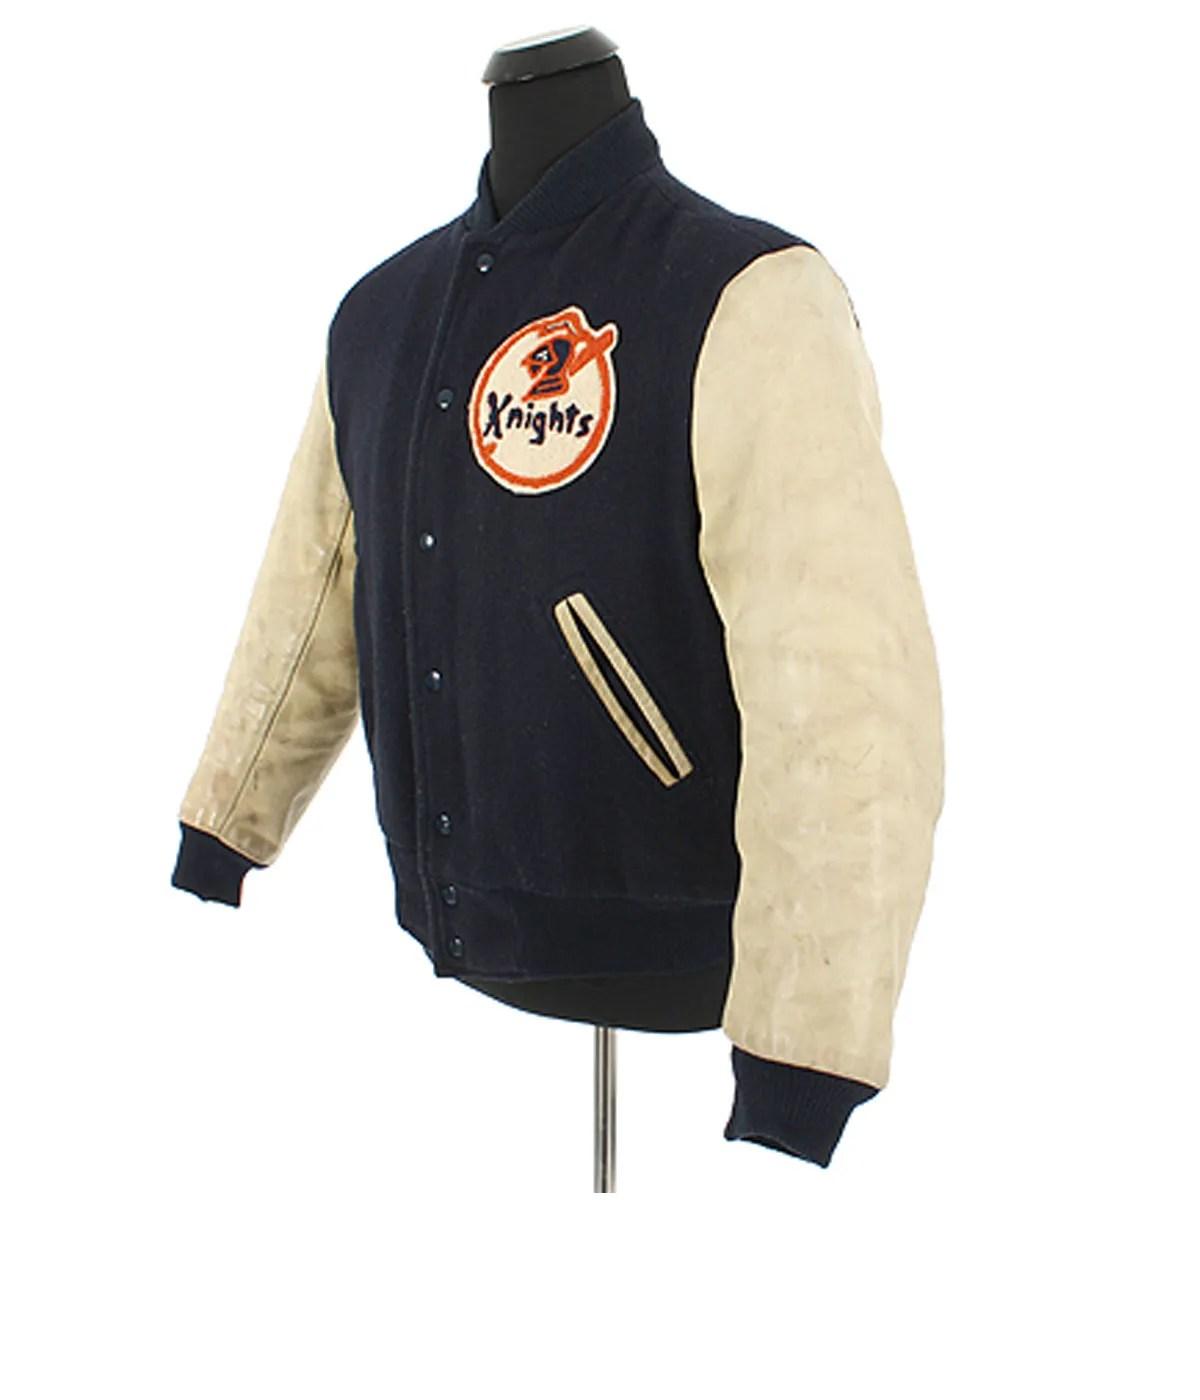 ny-knights-robert-redford-varsity-jacket